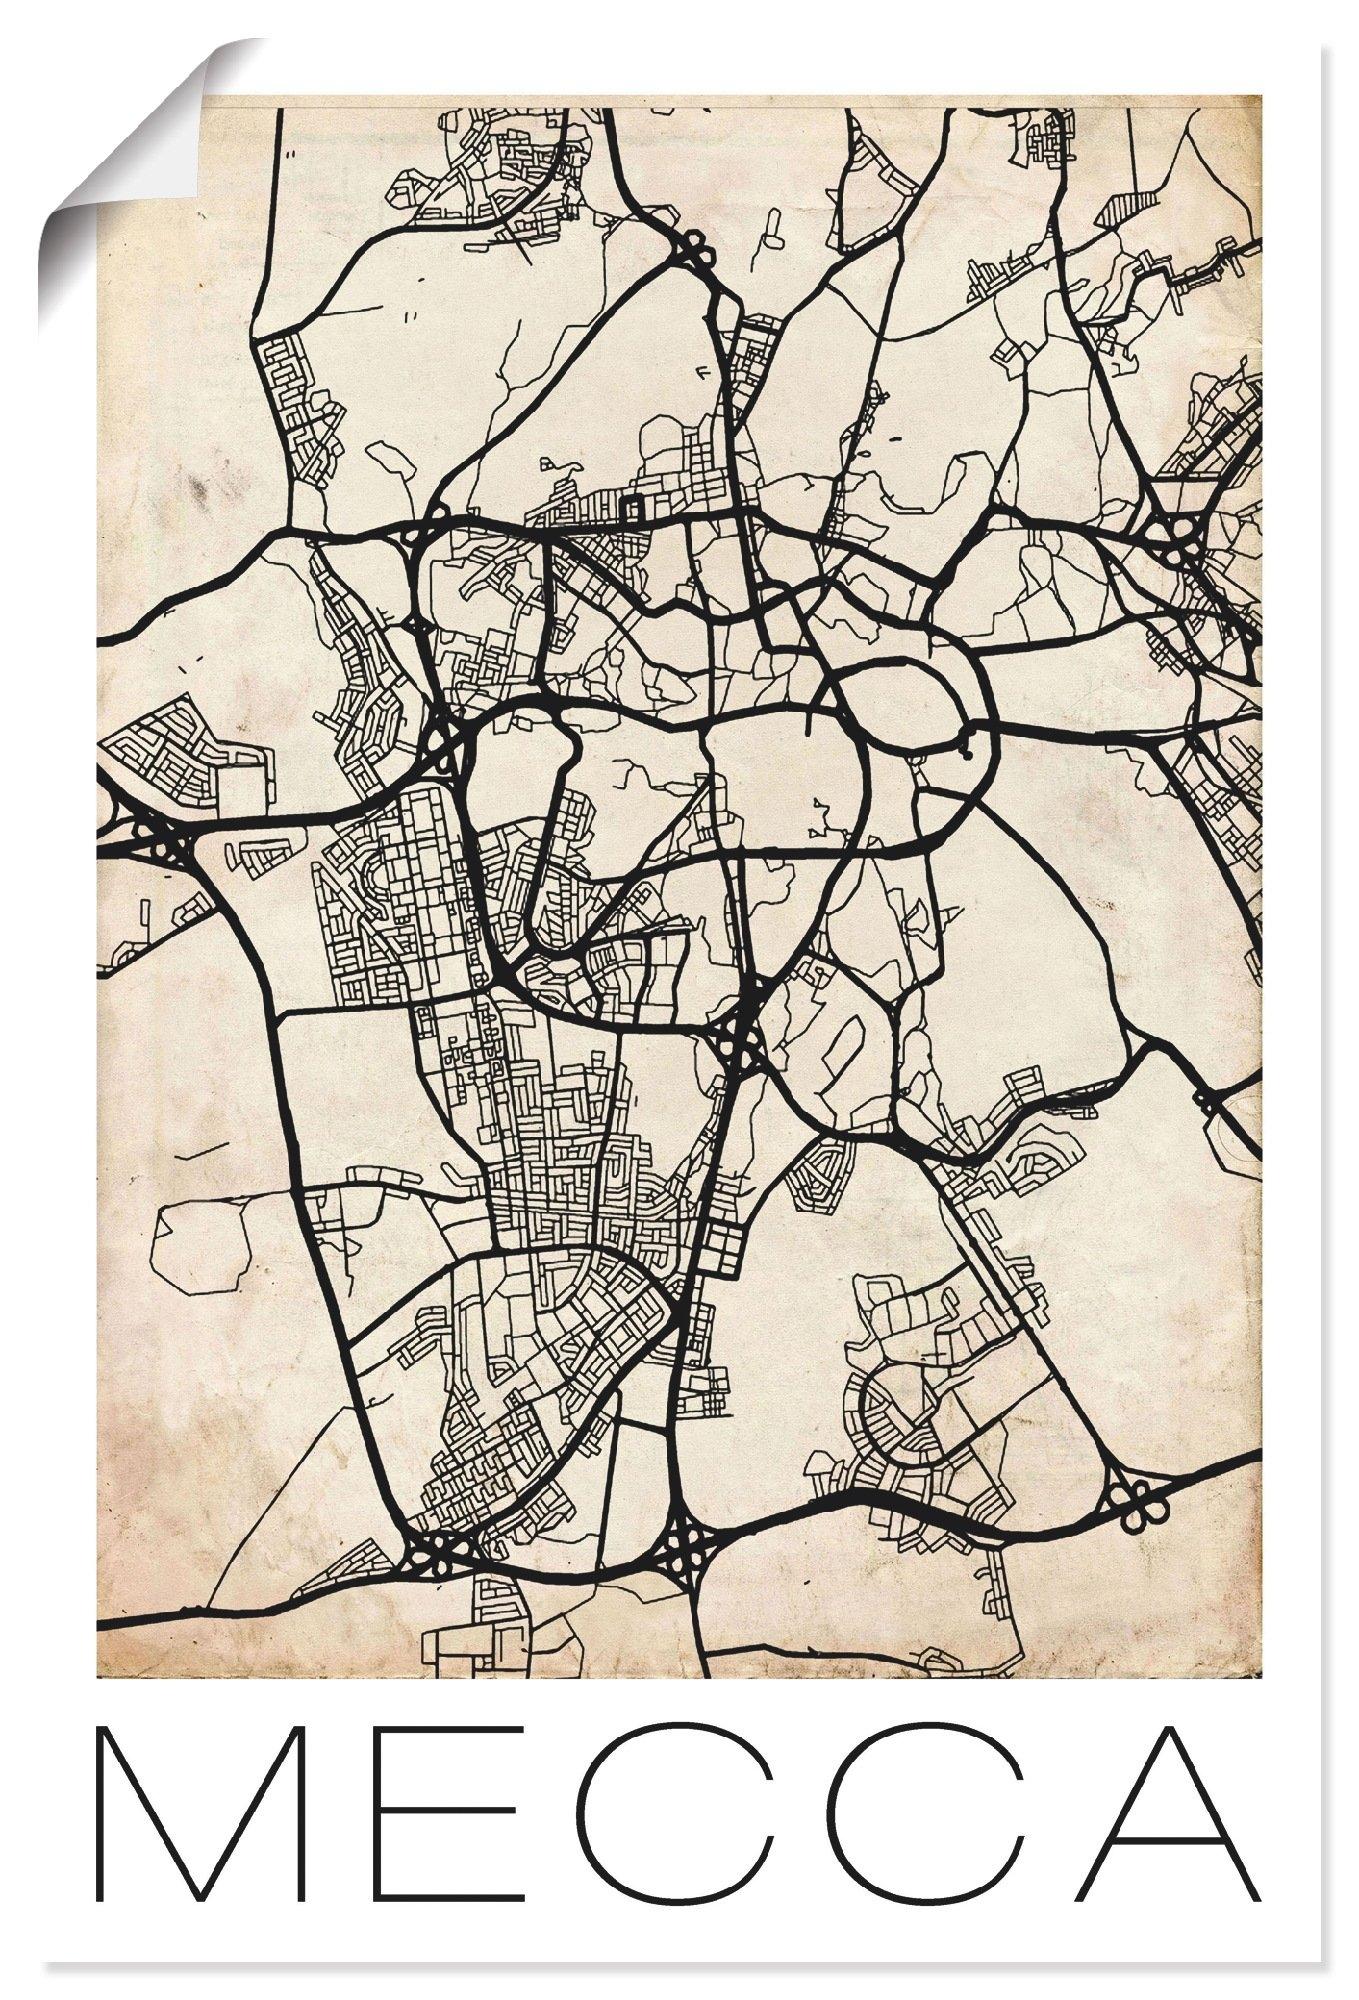 Artland artprint Retro kaart Mekka vintage Grunge in vele afmetingen & productsoorten - artprint van aluminium / artprint voor buiten, artprint op linnen, poster, muursticker / wandfolie ook geschikt voor de badkamer (1 stuk) voordelig en veilig online kopen